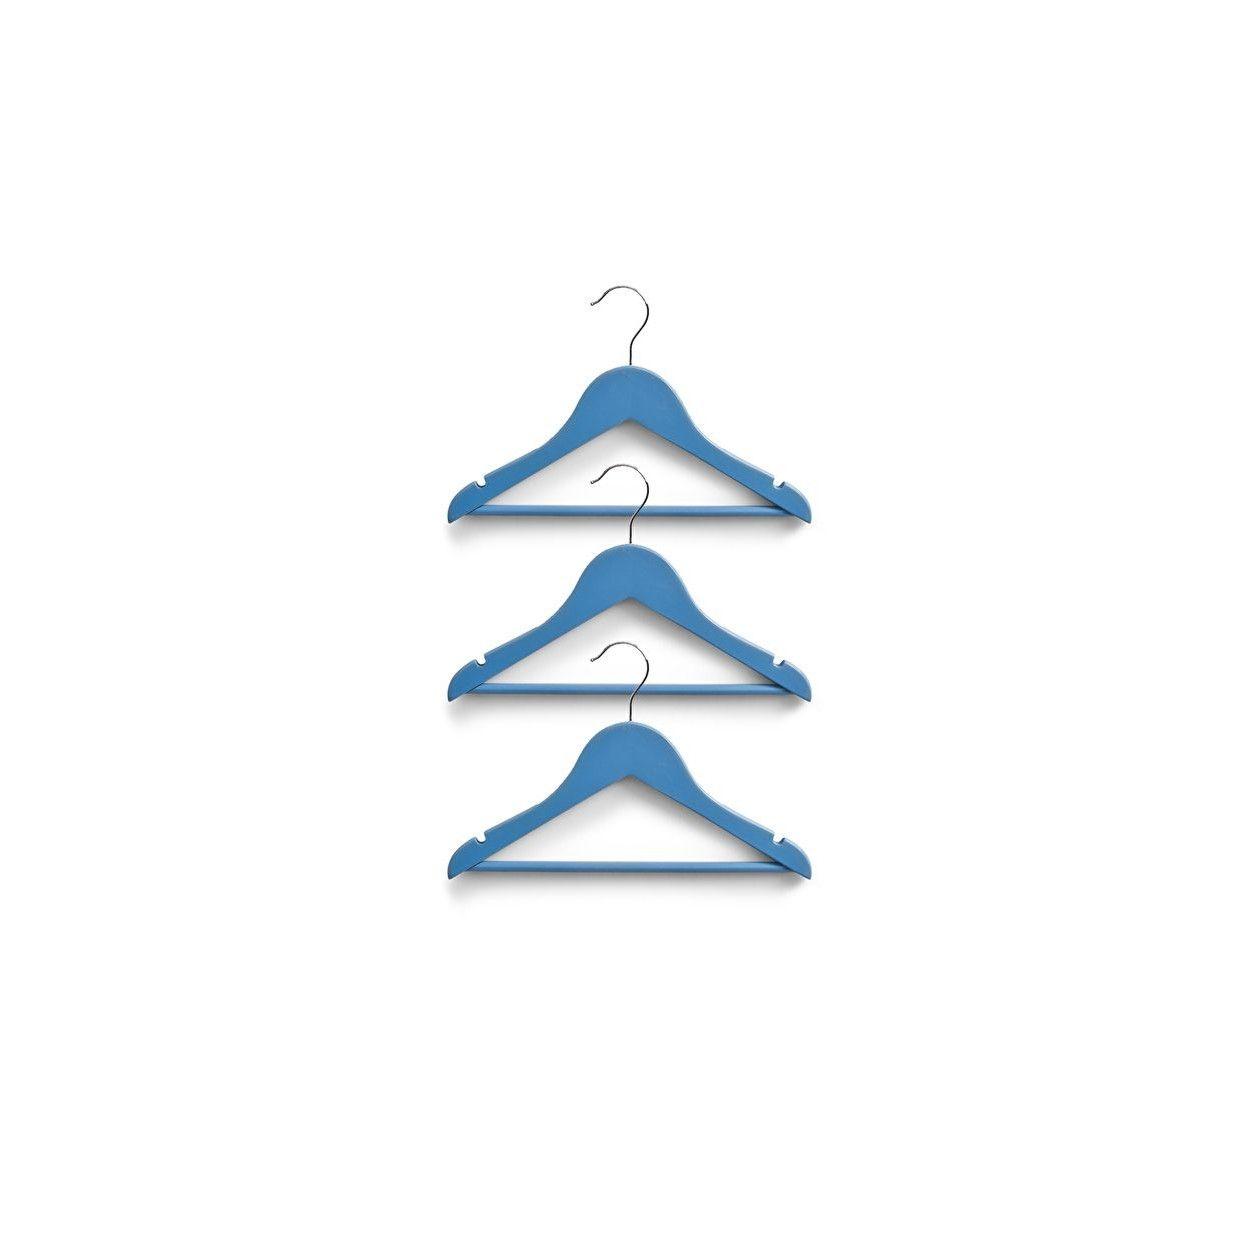 Set umerase din lemn pentru copii, Hanger Albastru, l30,5xH20 cm, 3 bucati imagine